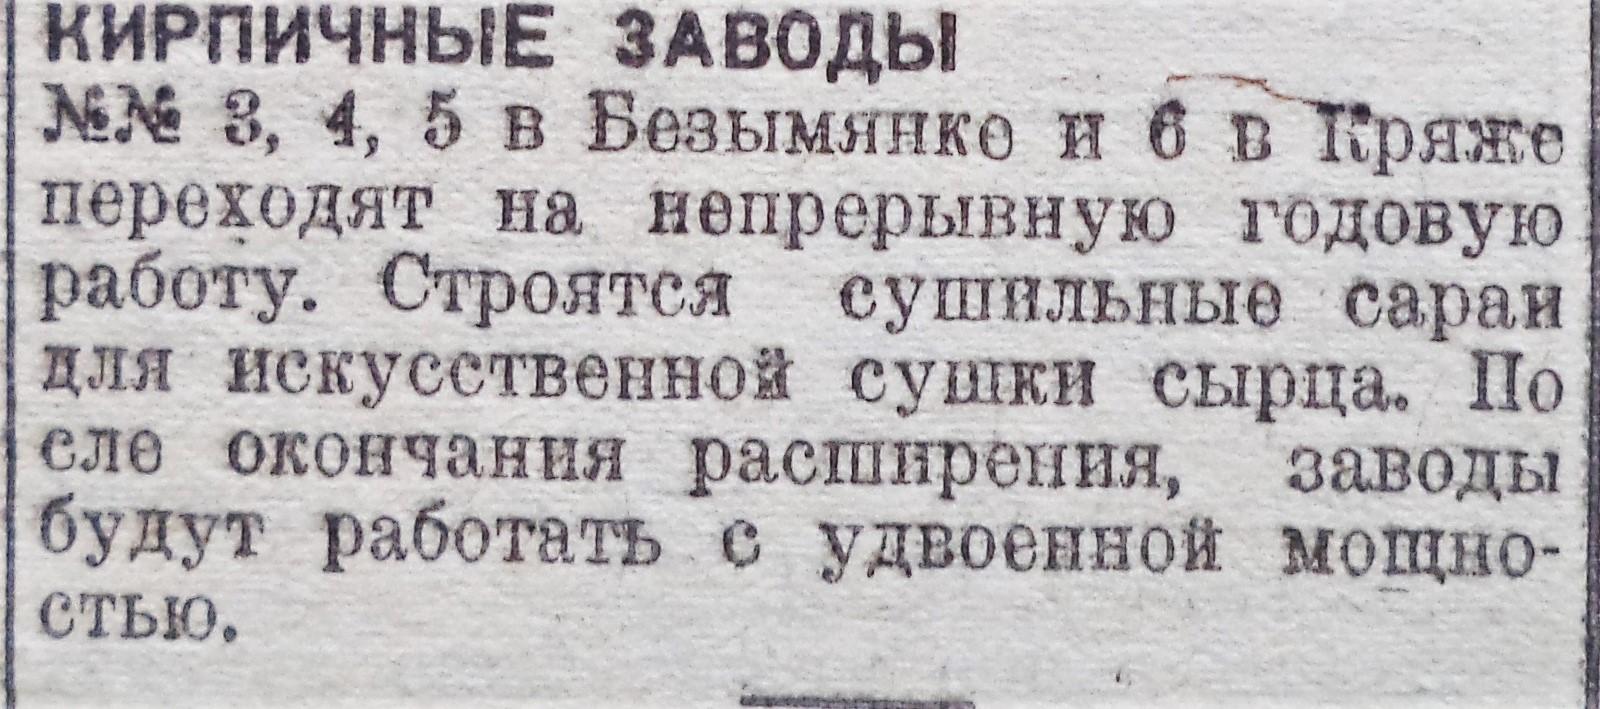 Сиреневый-ФОТО-04-РабСам-1932-03-27-тек. дела кирп. заводов